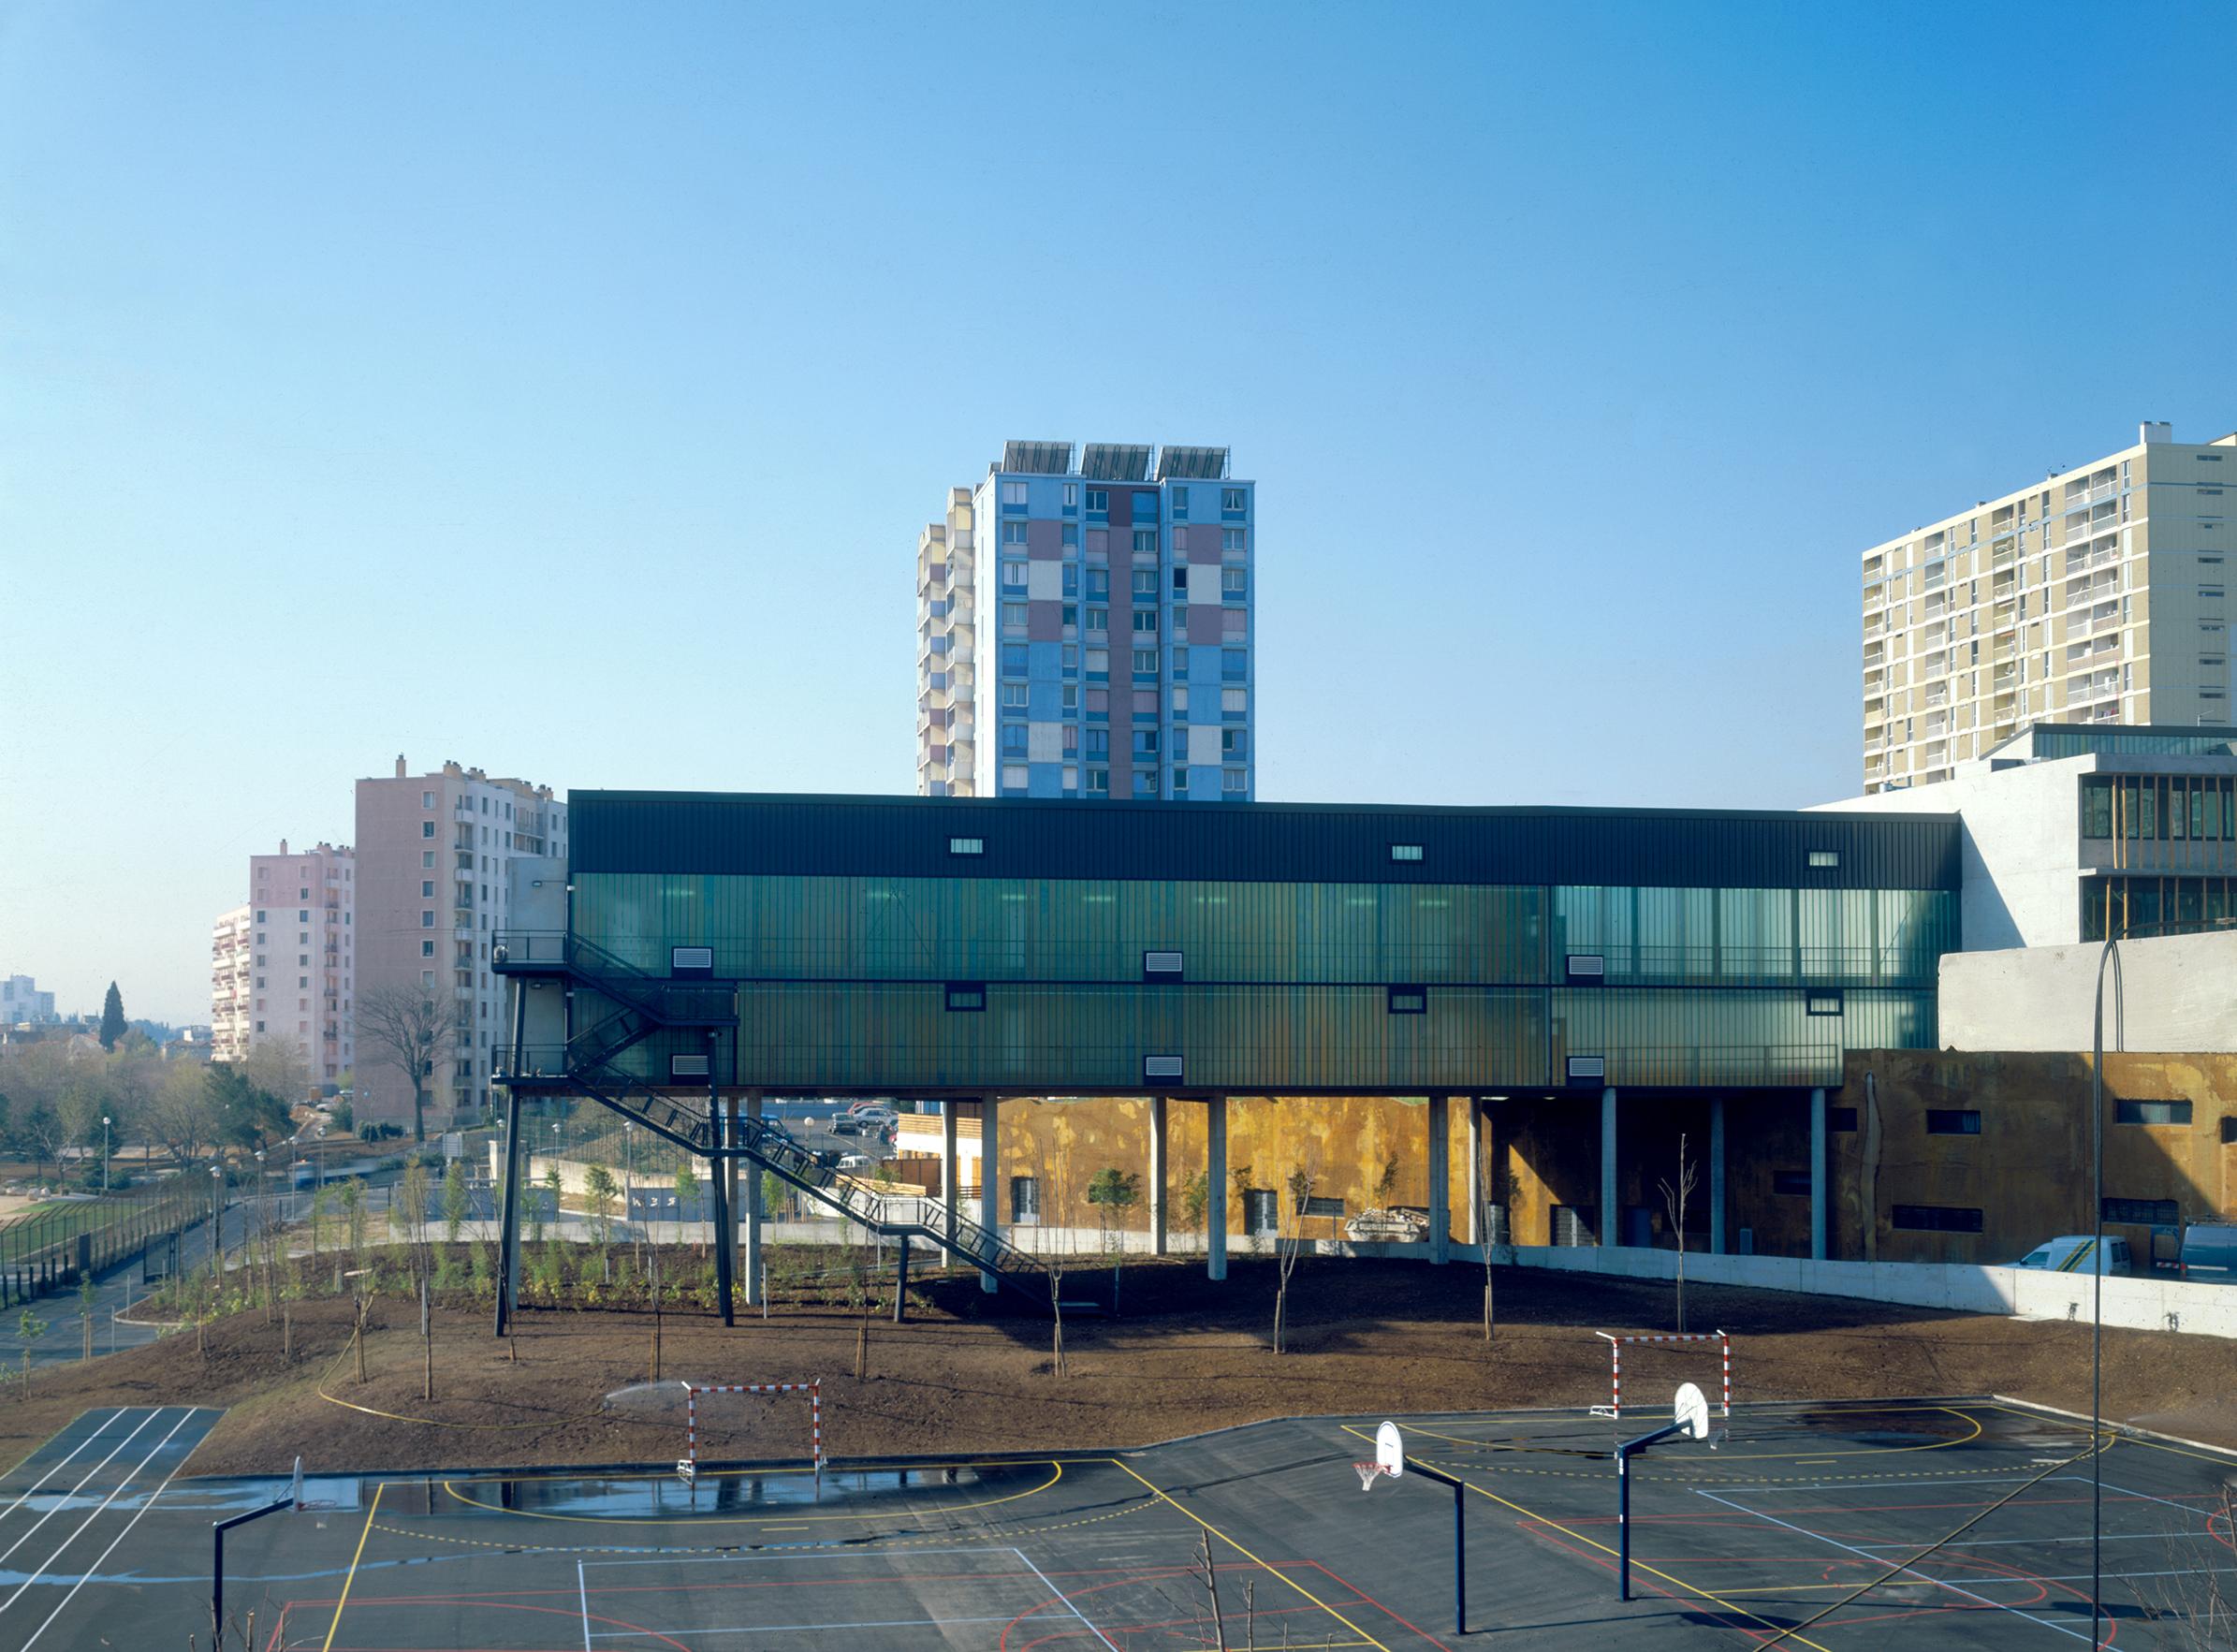 Collège Renoir Rostand 04 - Équipements Bureau - Caractère Spécial - Matthieu Poitevin Architecture